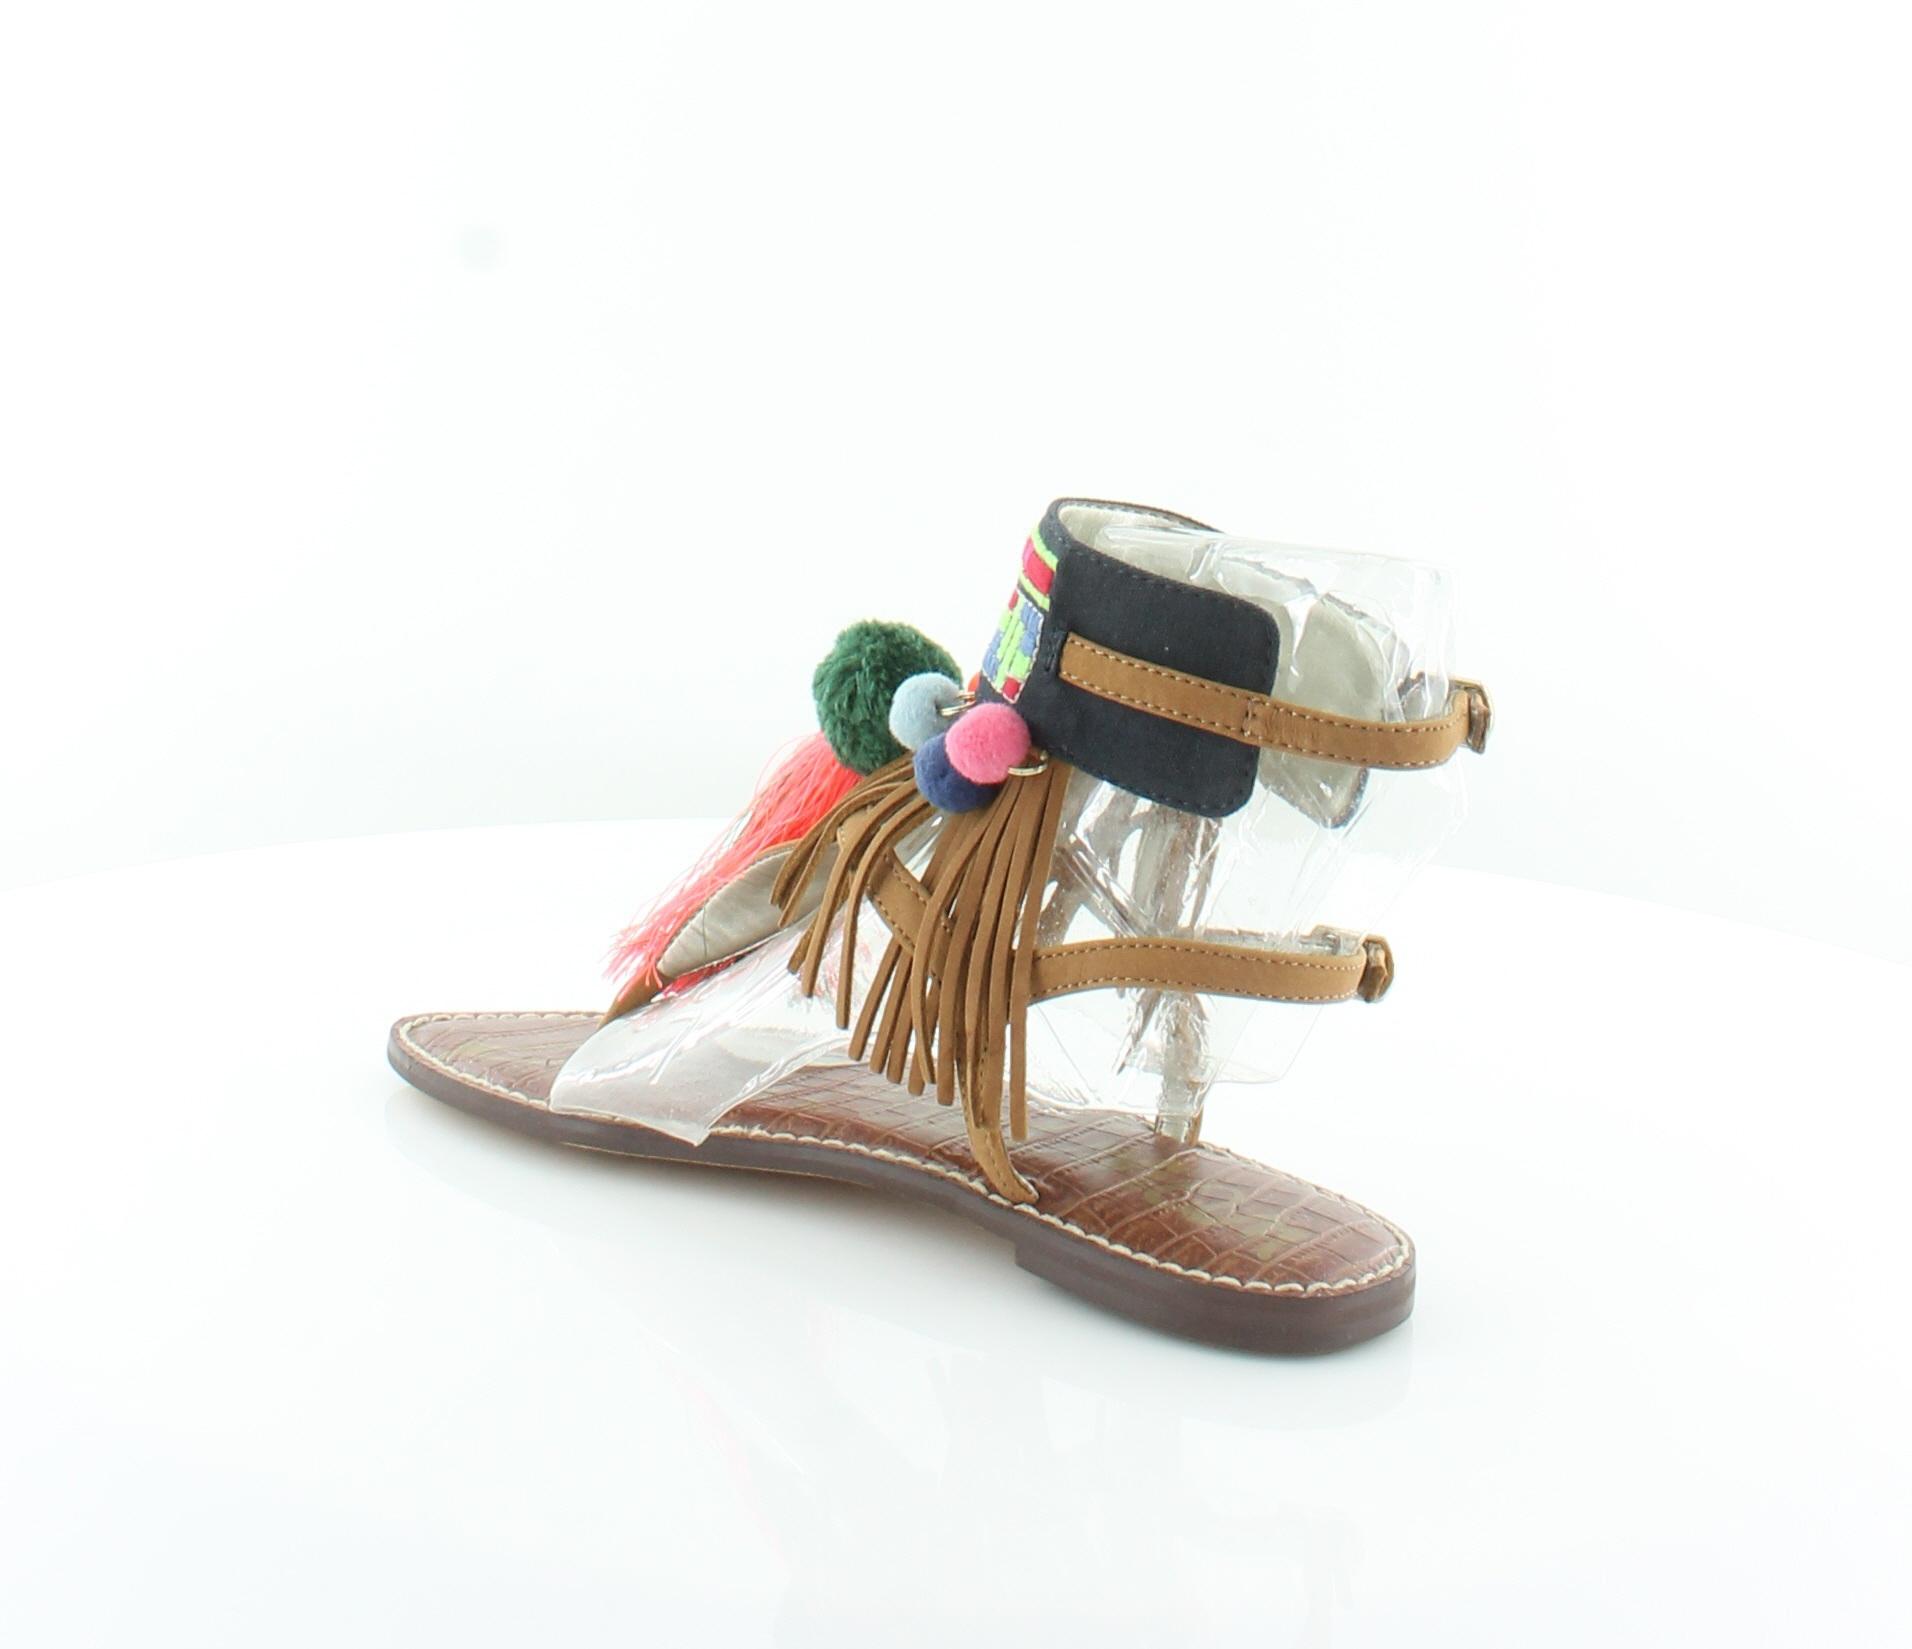 Sam Edelman Gere Marrón Zapatos para mujer mujer mujer Talla 6.5 M Sandalias precio minorista sugerido por el fabricante  130 d0a3a3